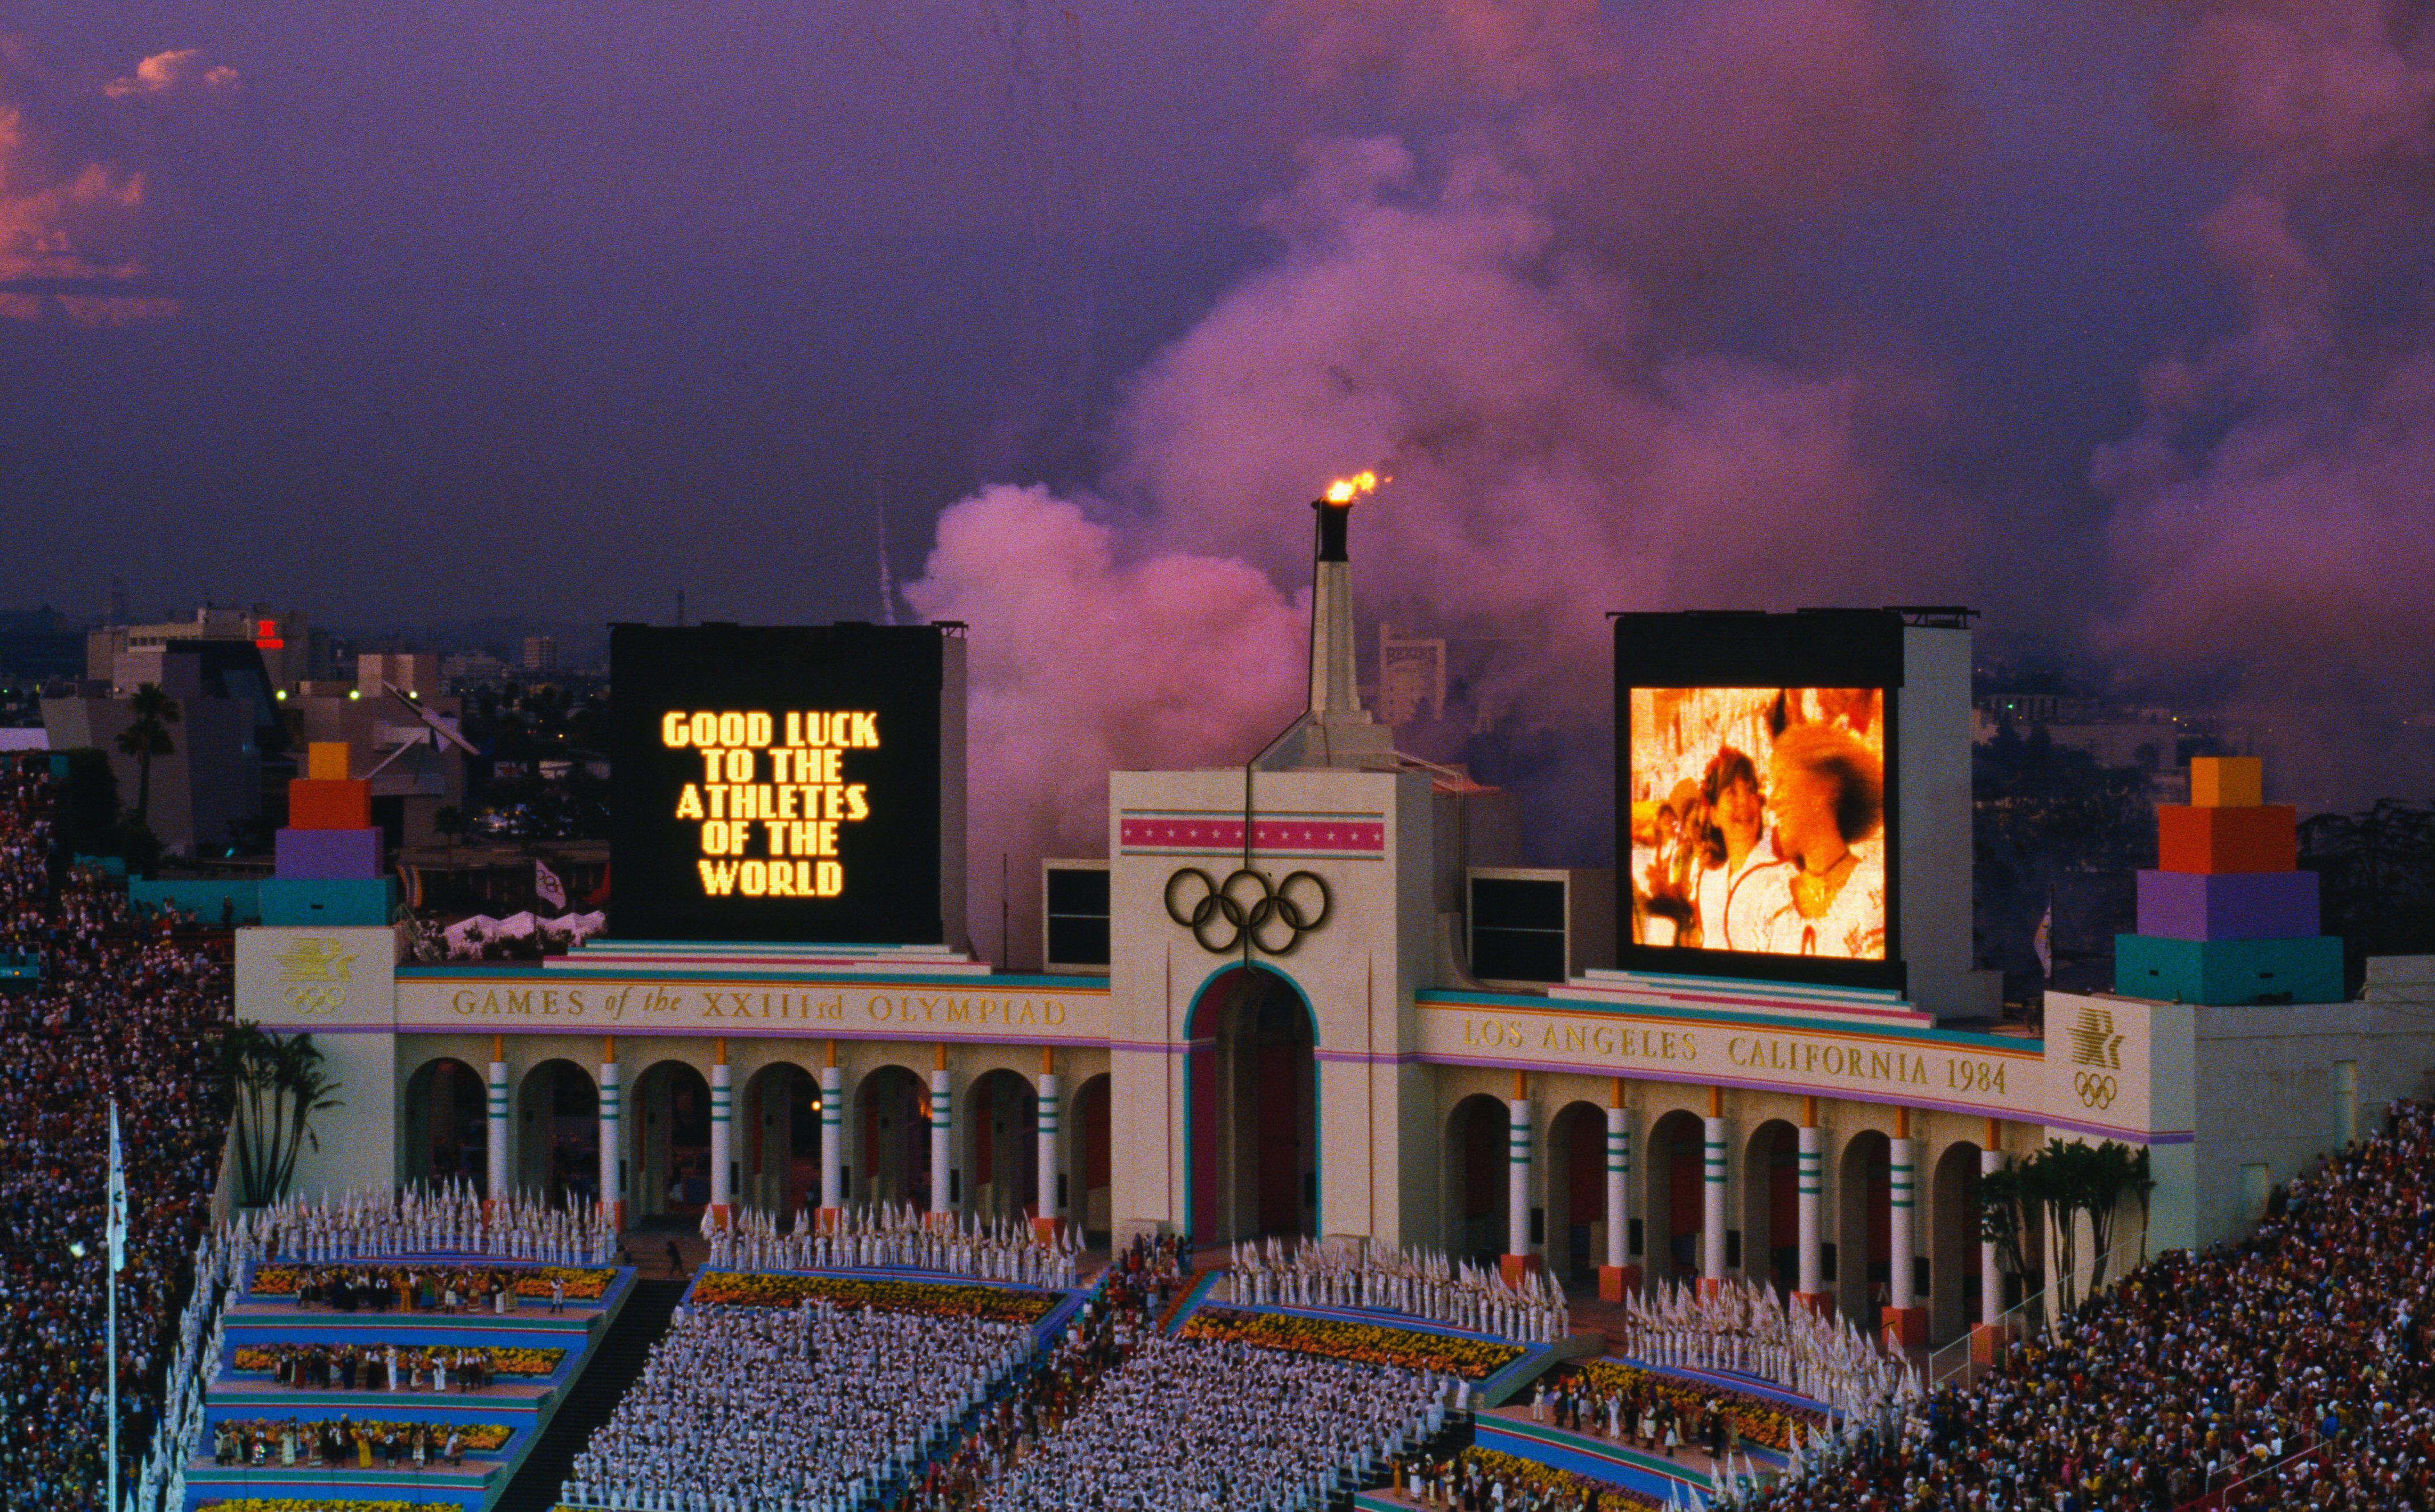 Péristyle, LA Memorial Coliseum, 1984 Jeux Olympiques d'été,